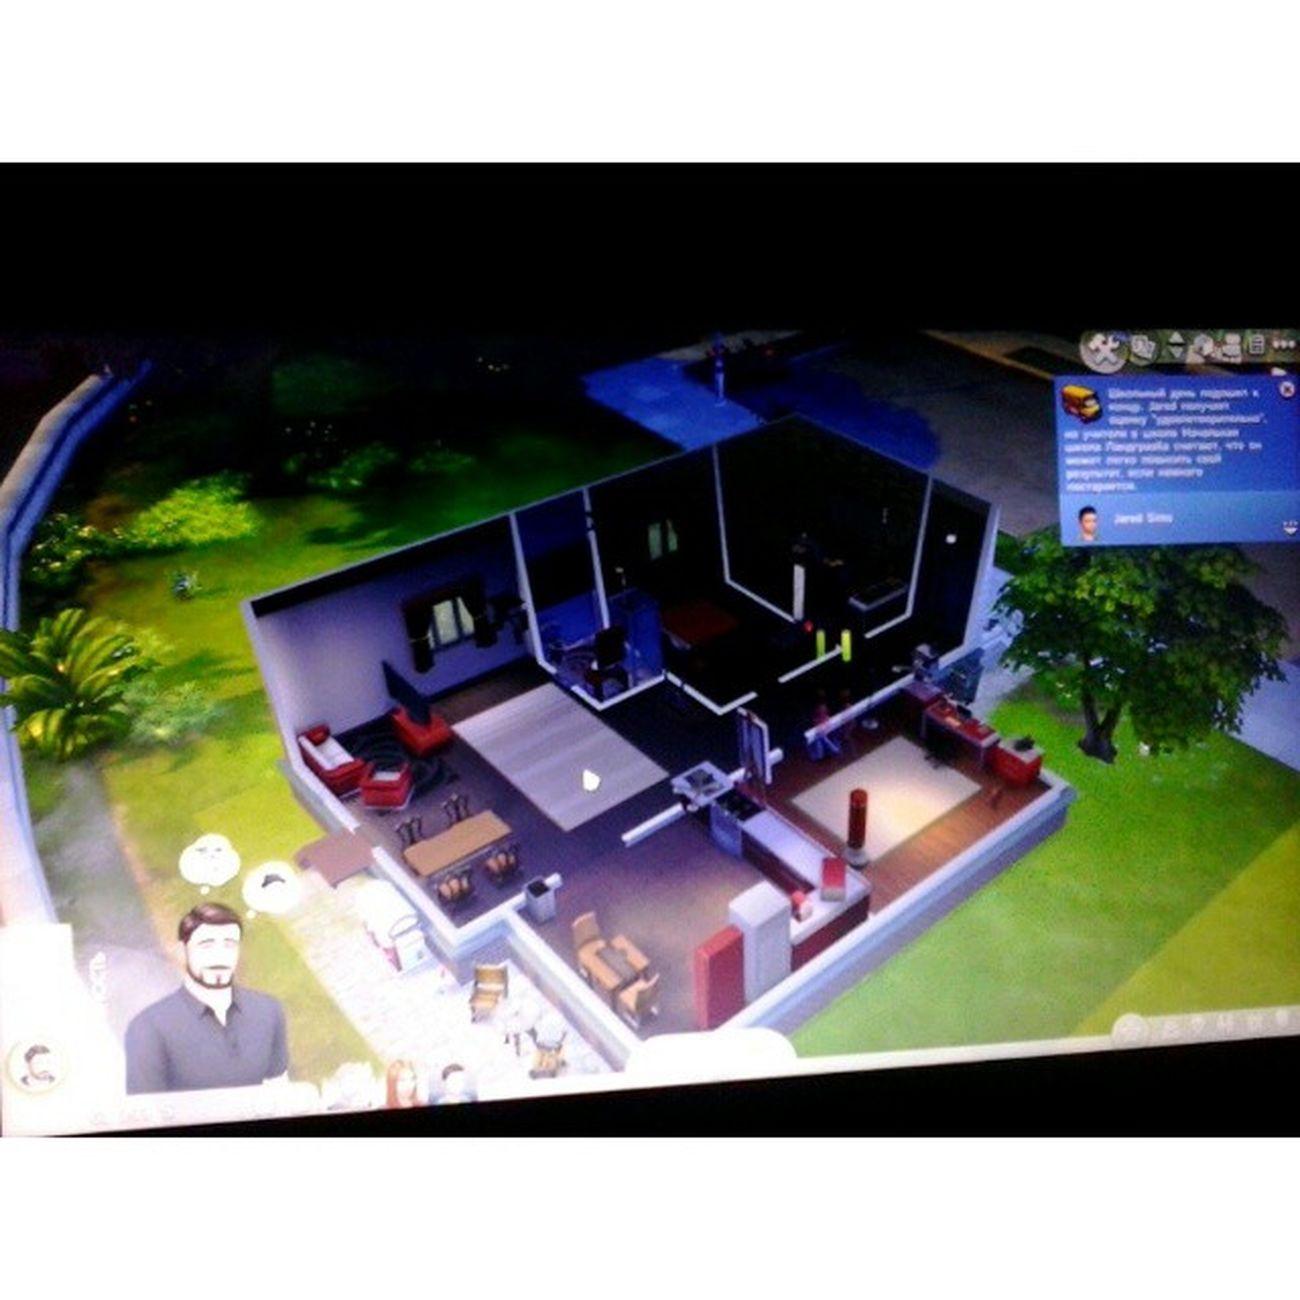 З.Ы. Я умею делать скриншоты! симс симс4 Sims Sims4